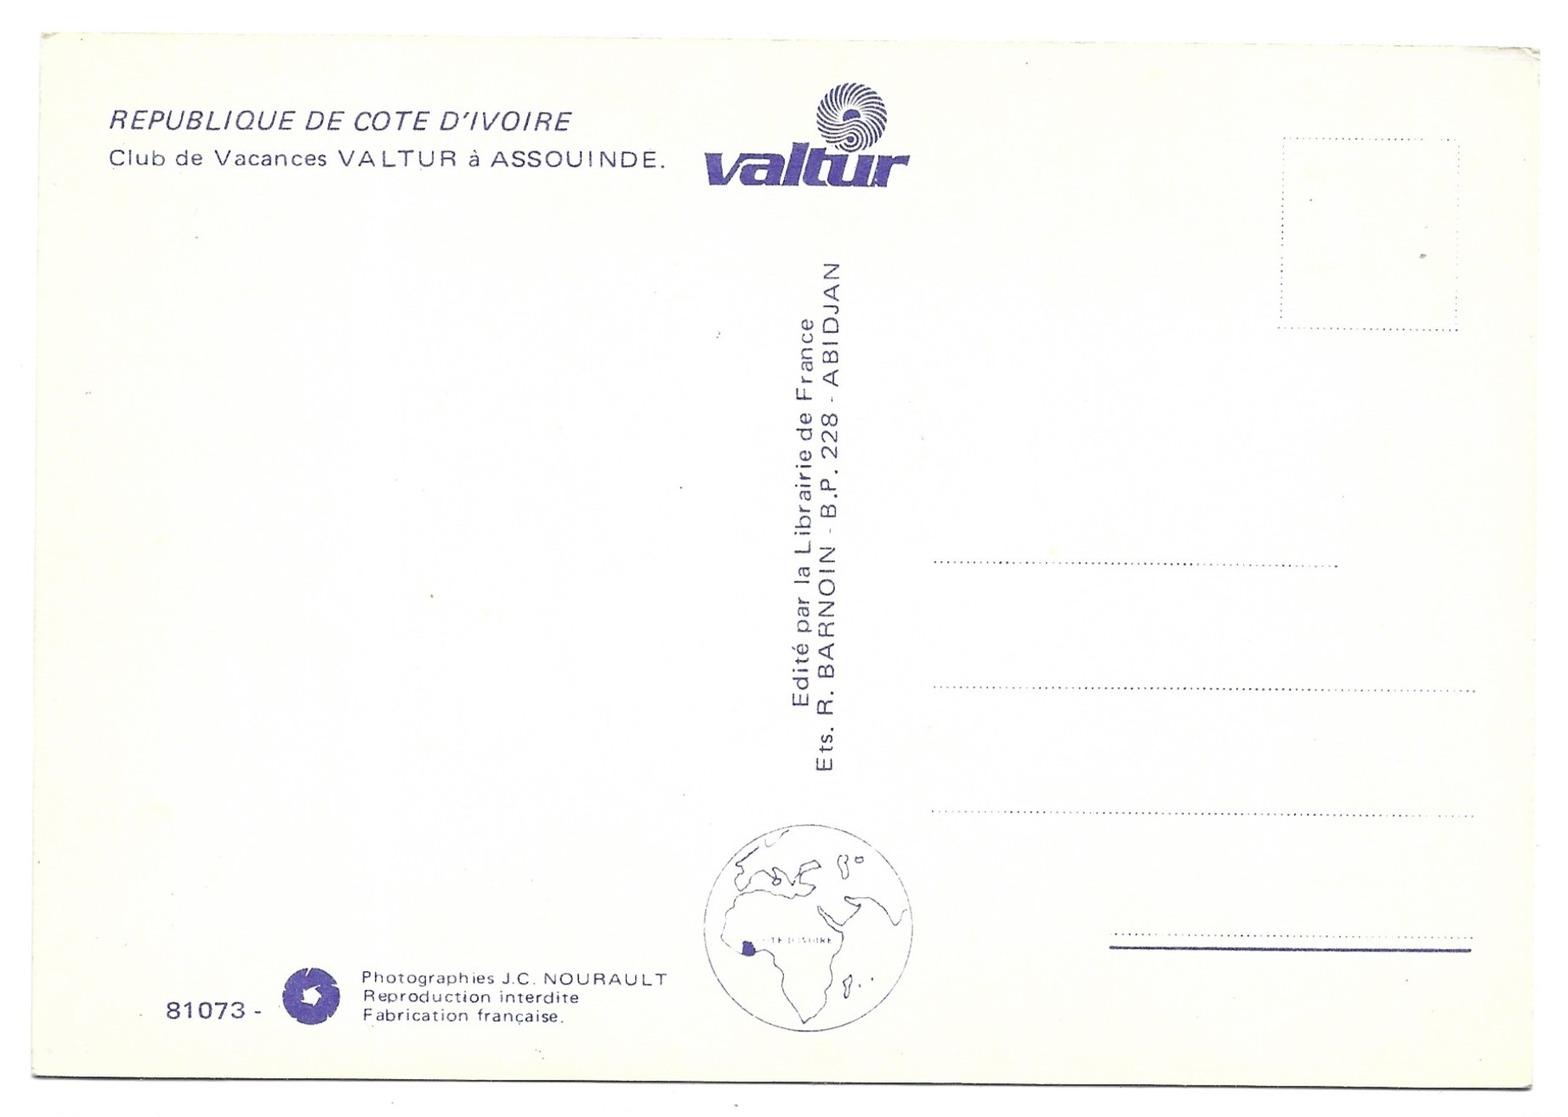 Republique De Cote D' Ivoire Club De Vacances Valtur à Assouinde Photographies J.C. Nourault - Côte-d'Ivoire